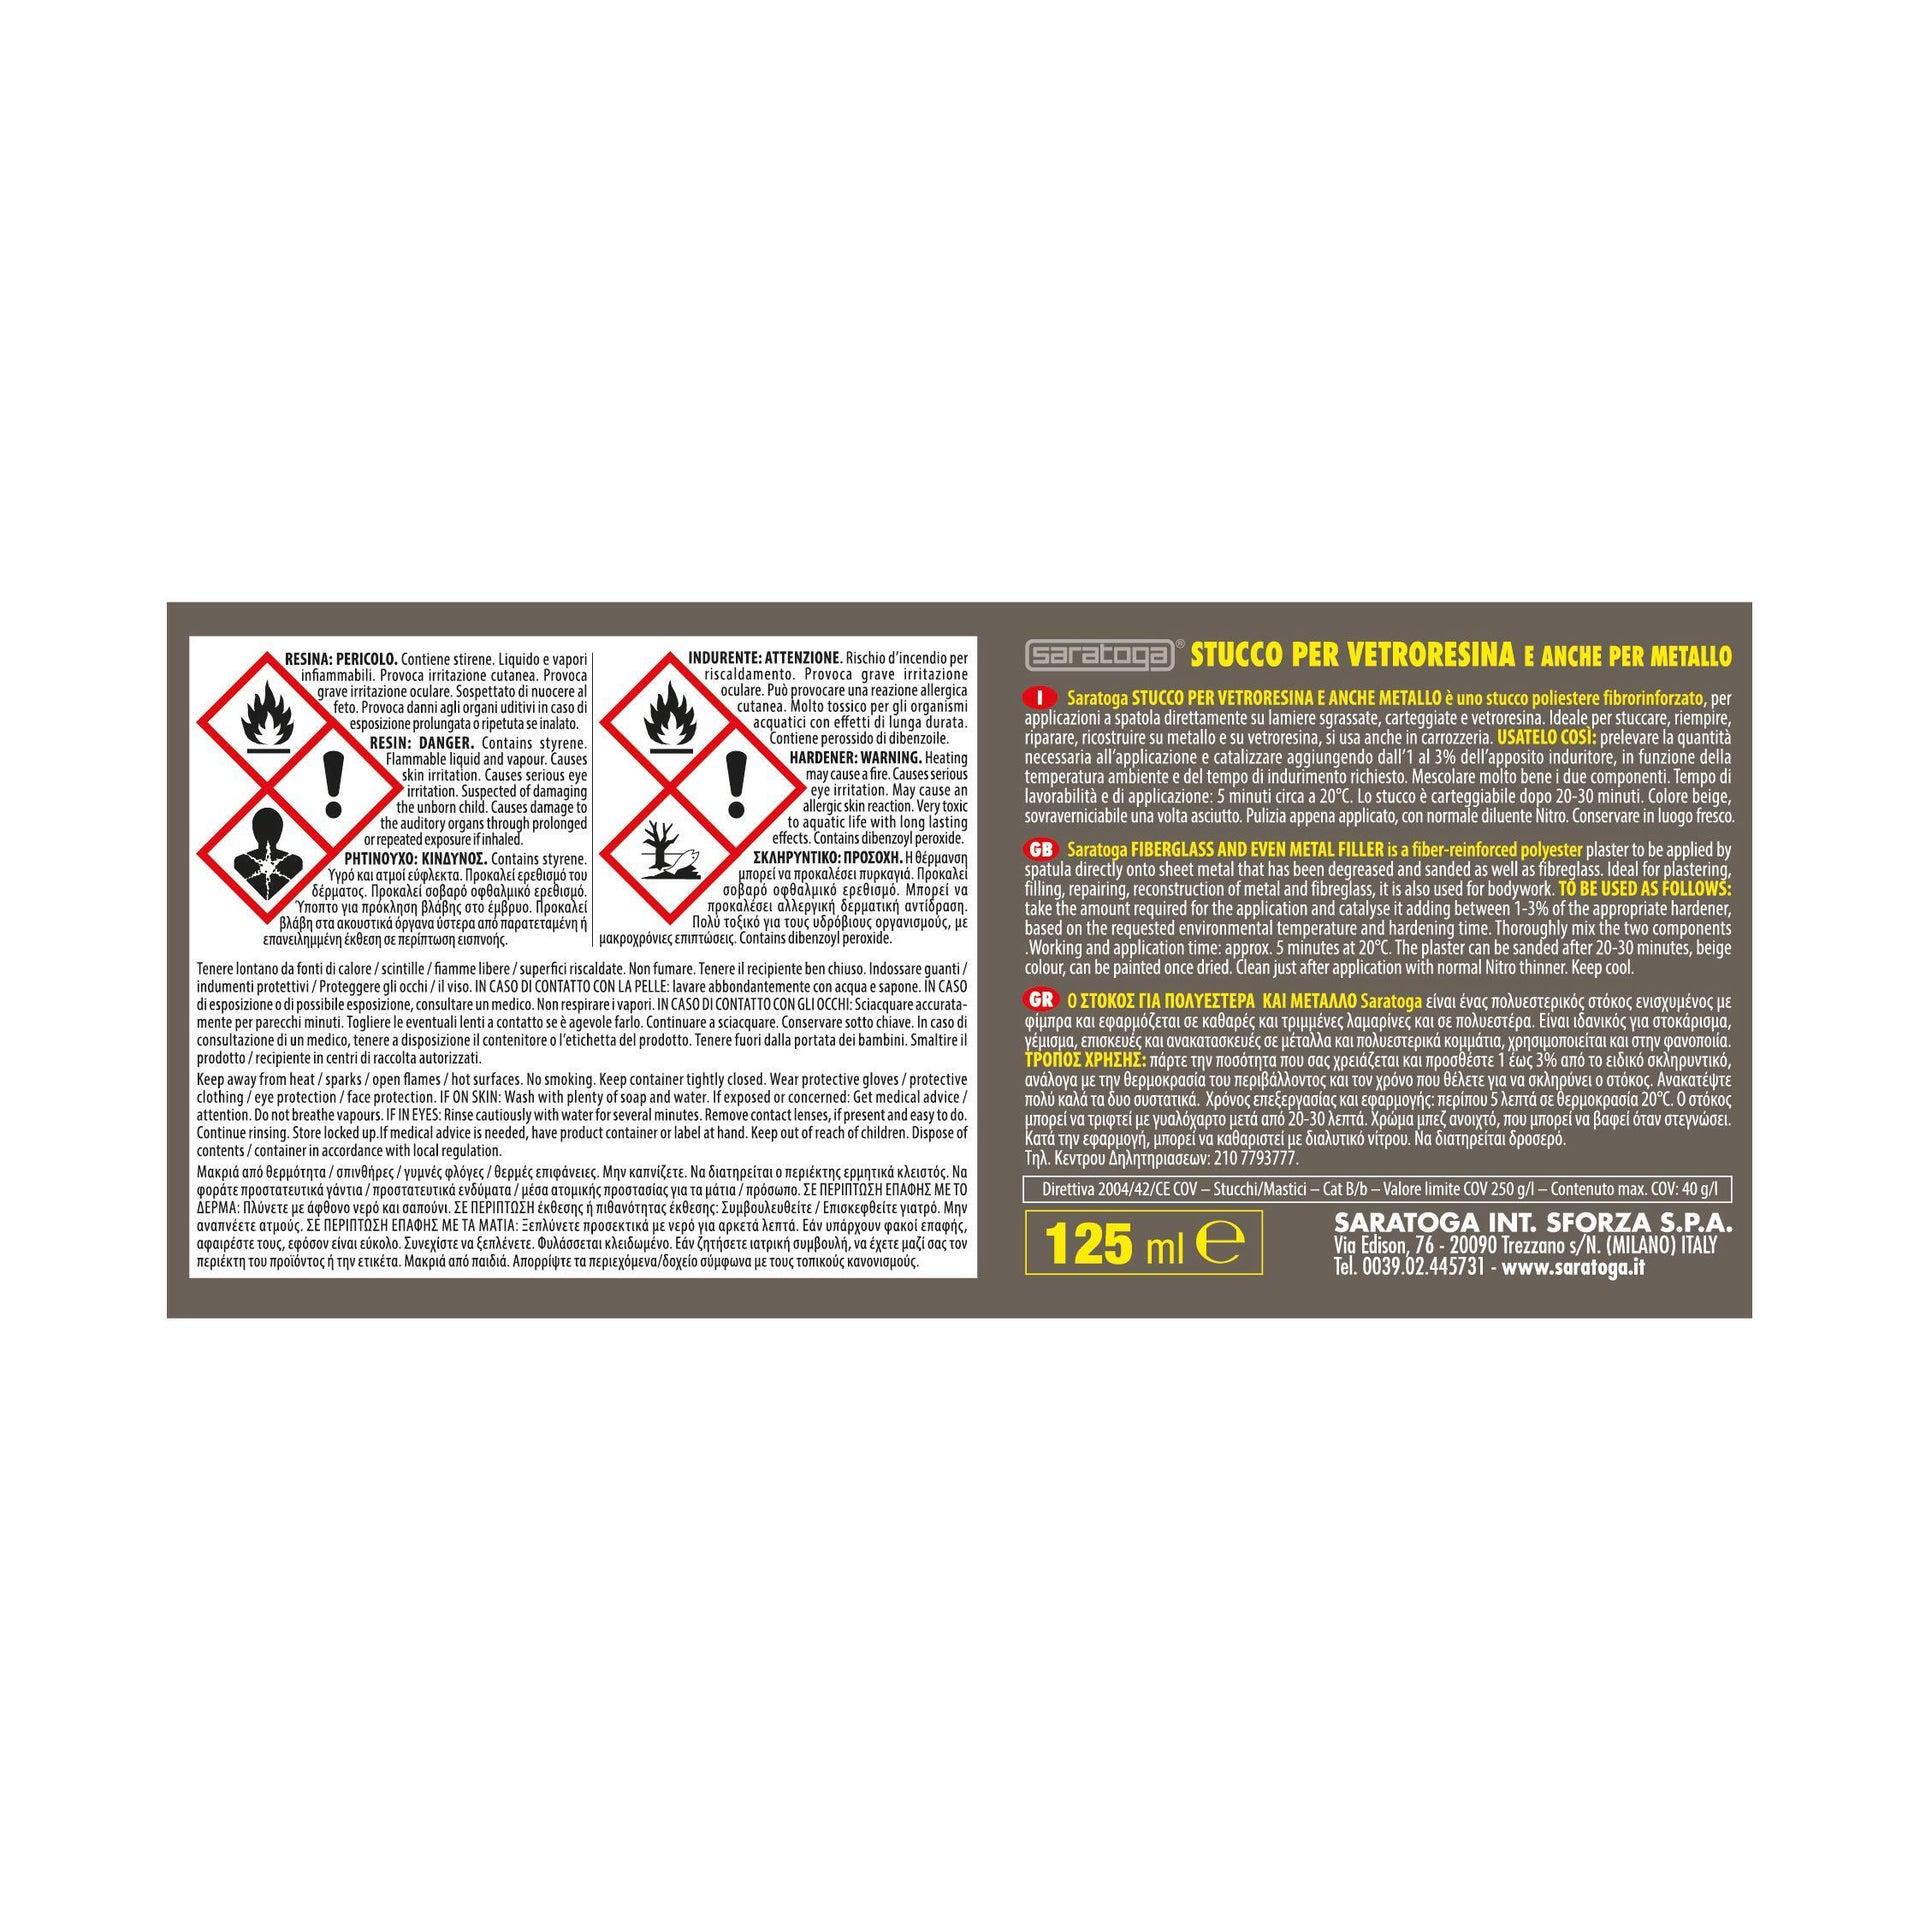 Stucco di riparazione plastica e vetroresina SARATOGA Fiber Bond 125 ml - 3